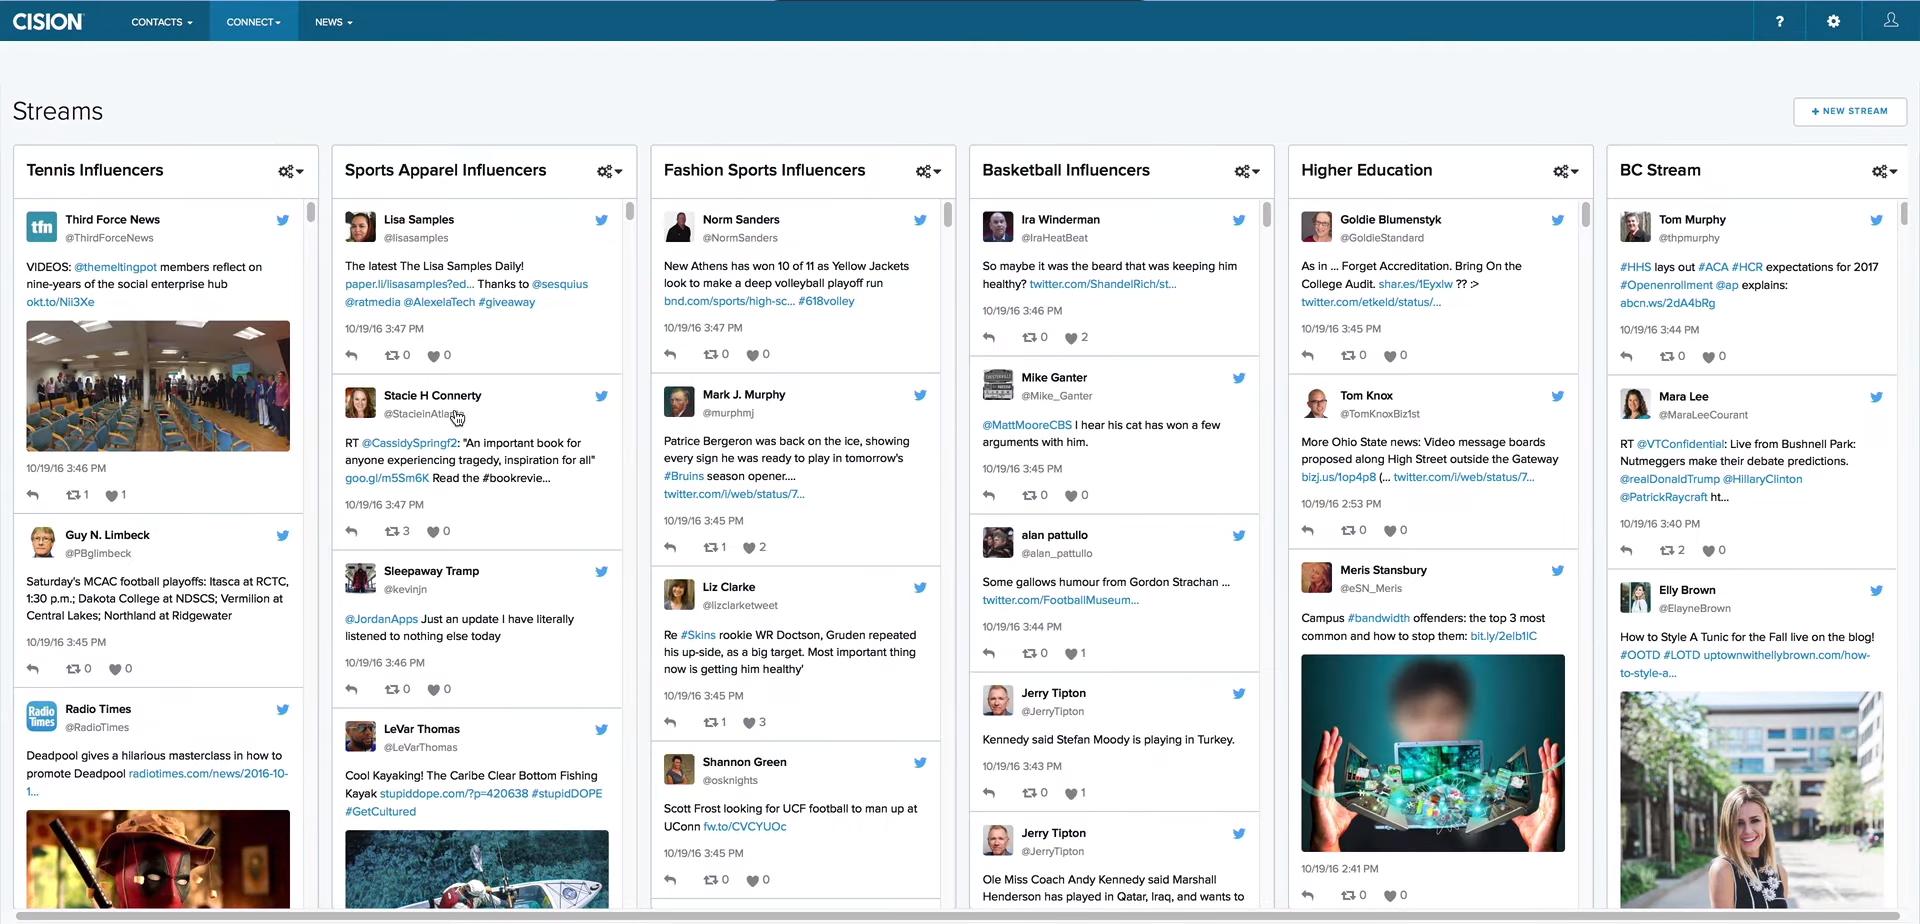 Тематический медиа-анализ СМИ и социальных сетей в интернет-сервисе Cision Communications Cloud